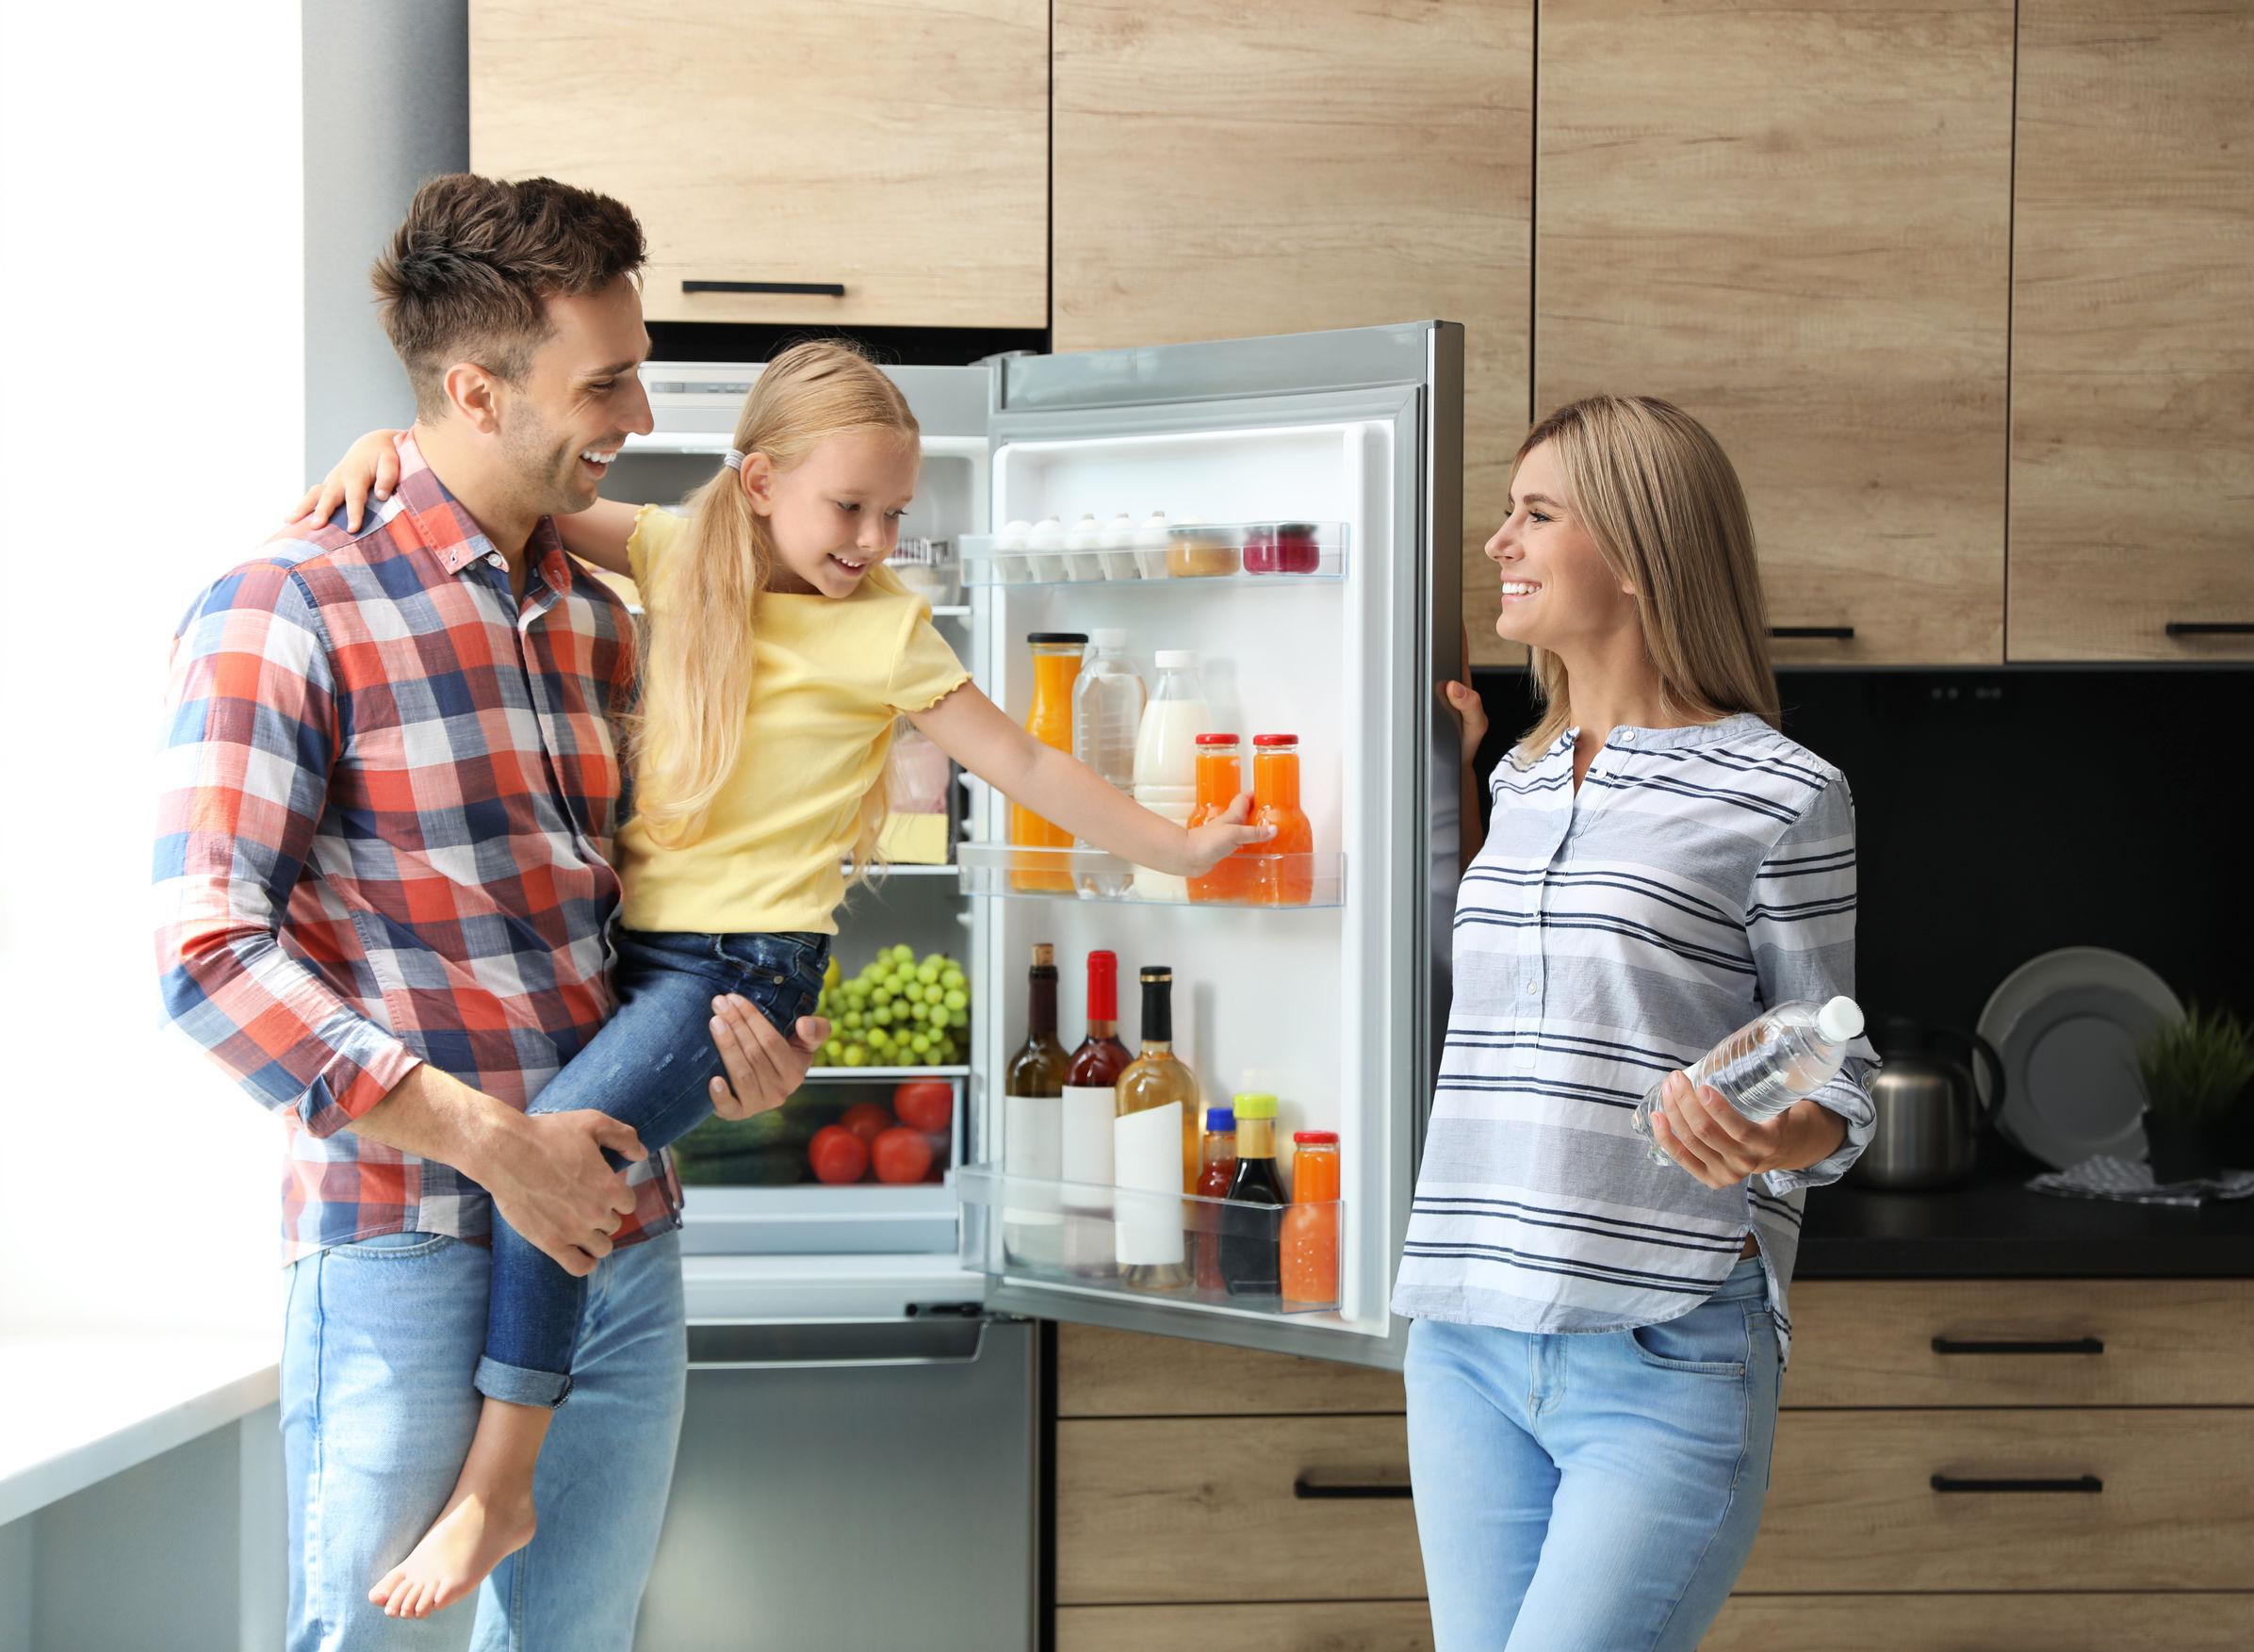 casal com a filha na cozinha pegando alimentos na geladeira frost free